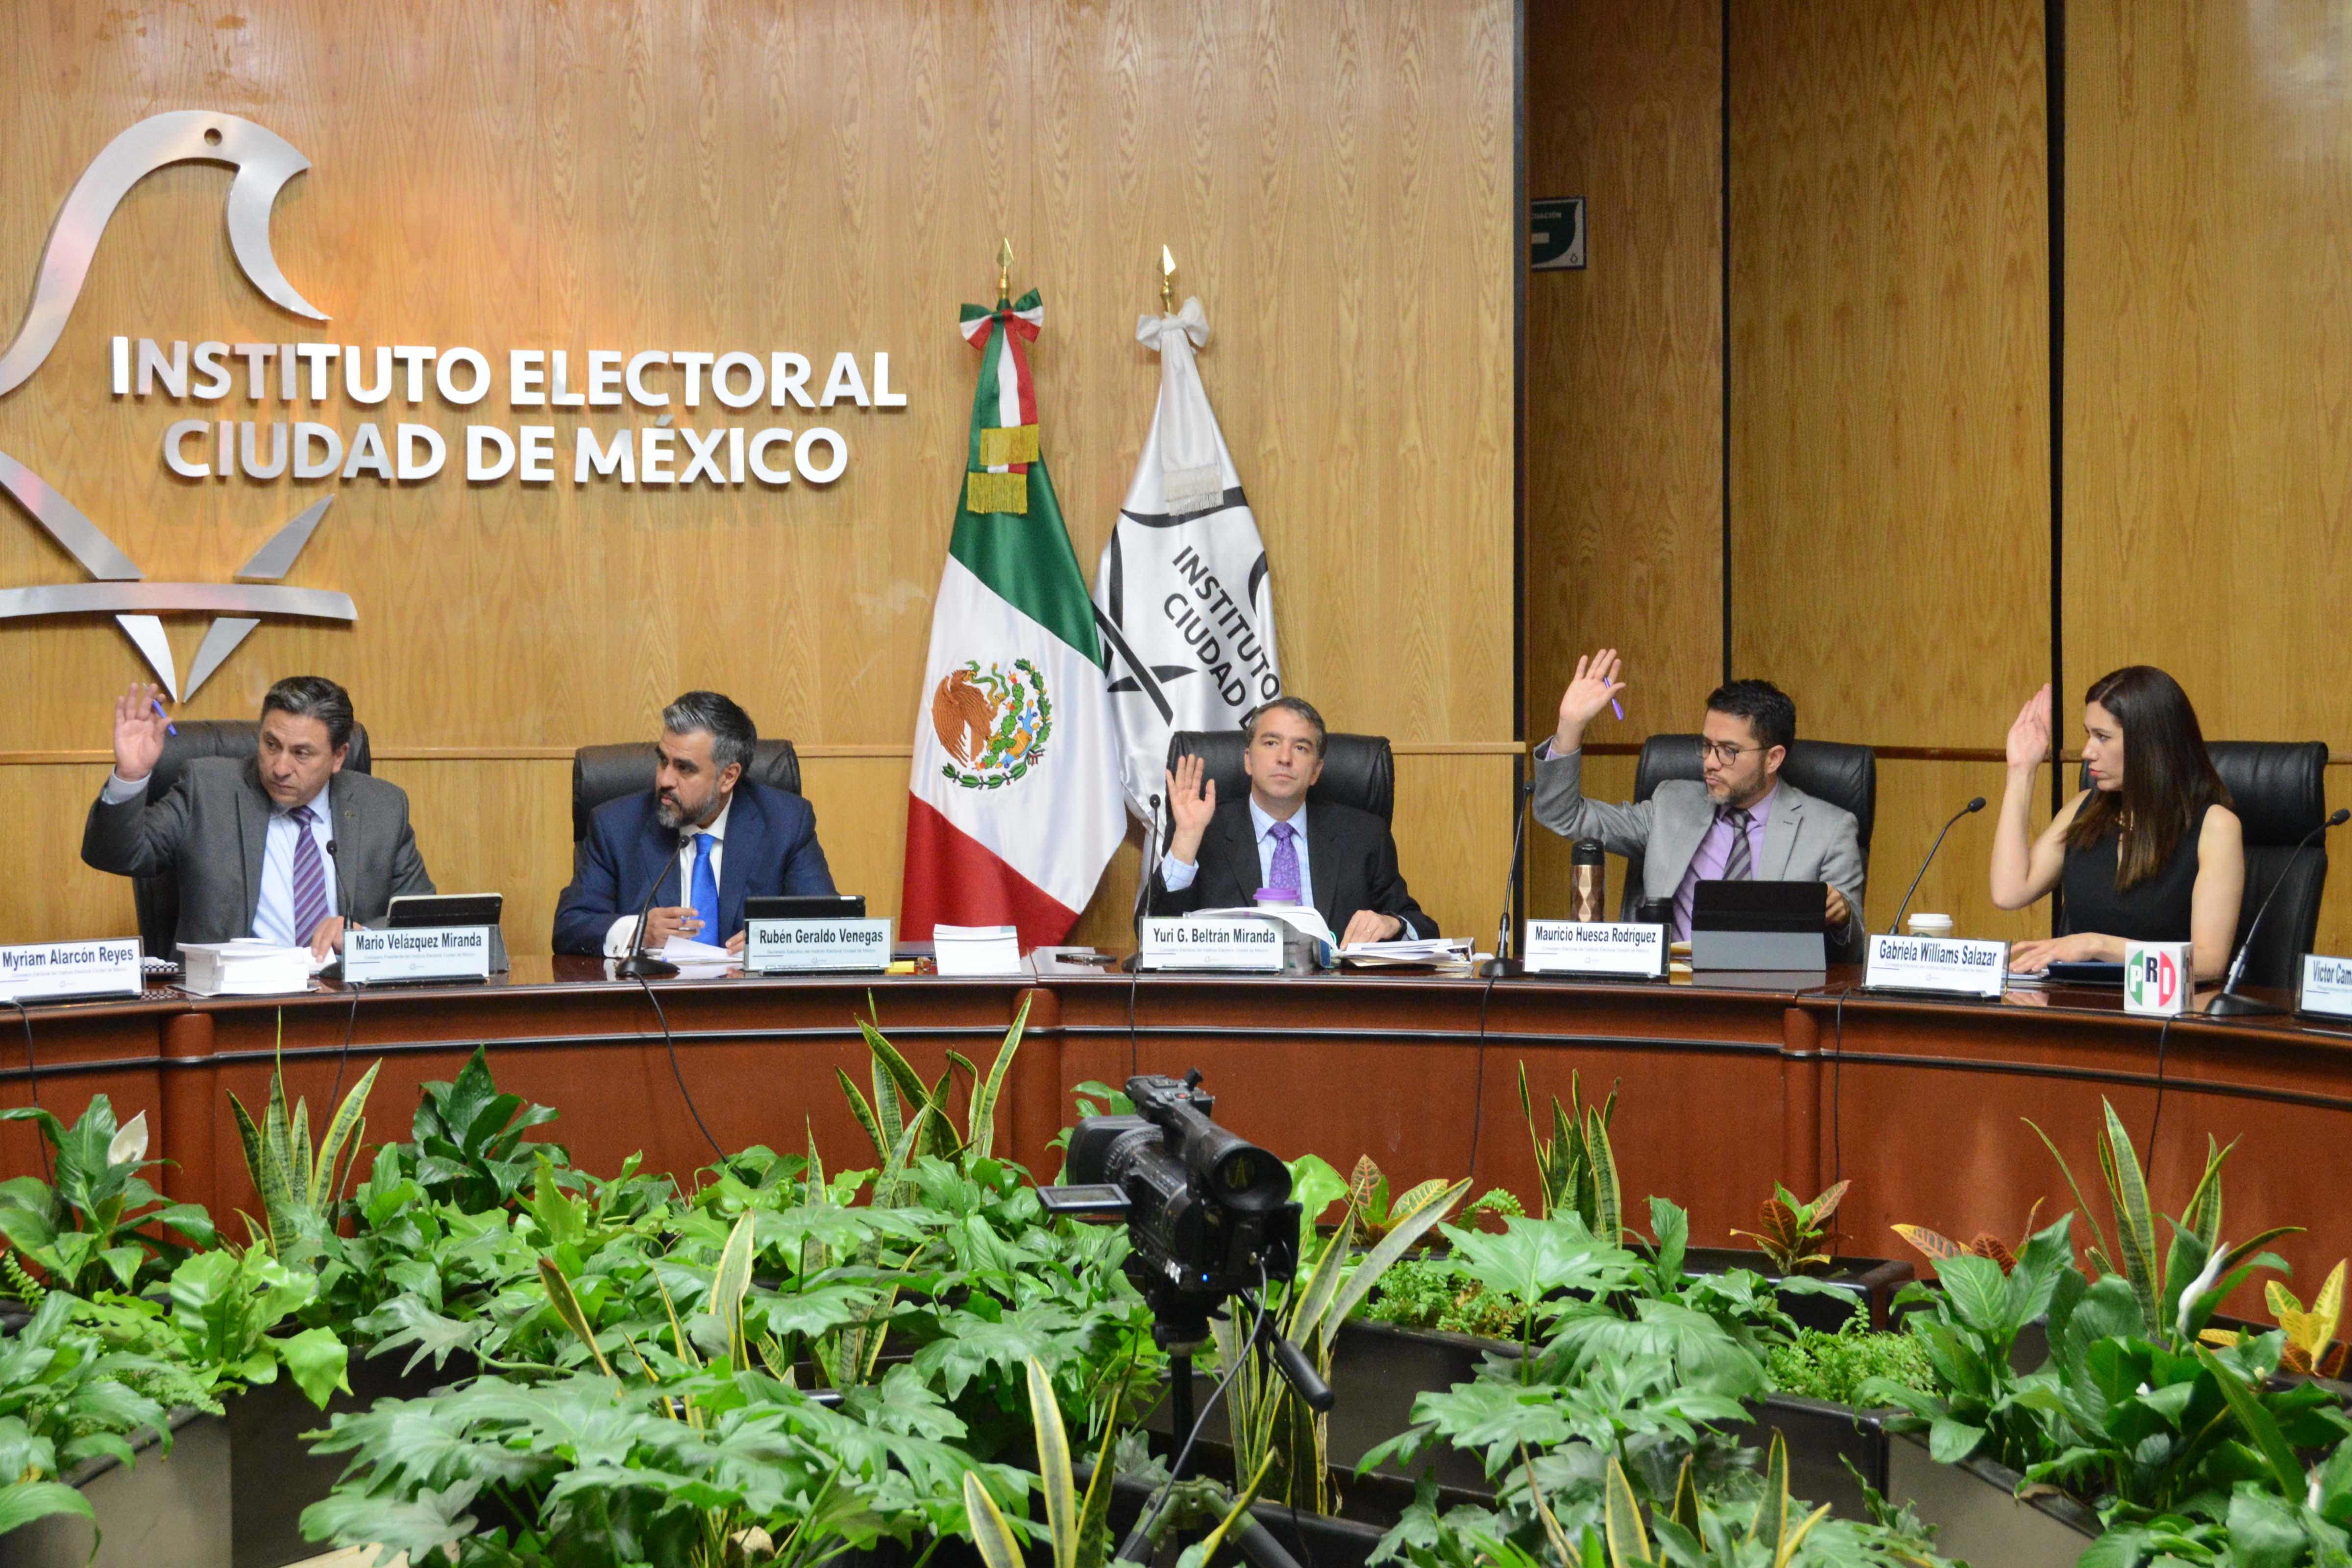 Alista IECM sedes distritales para recuento de votos